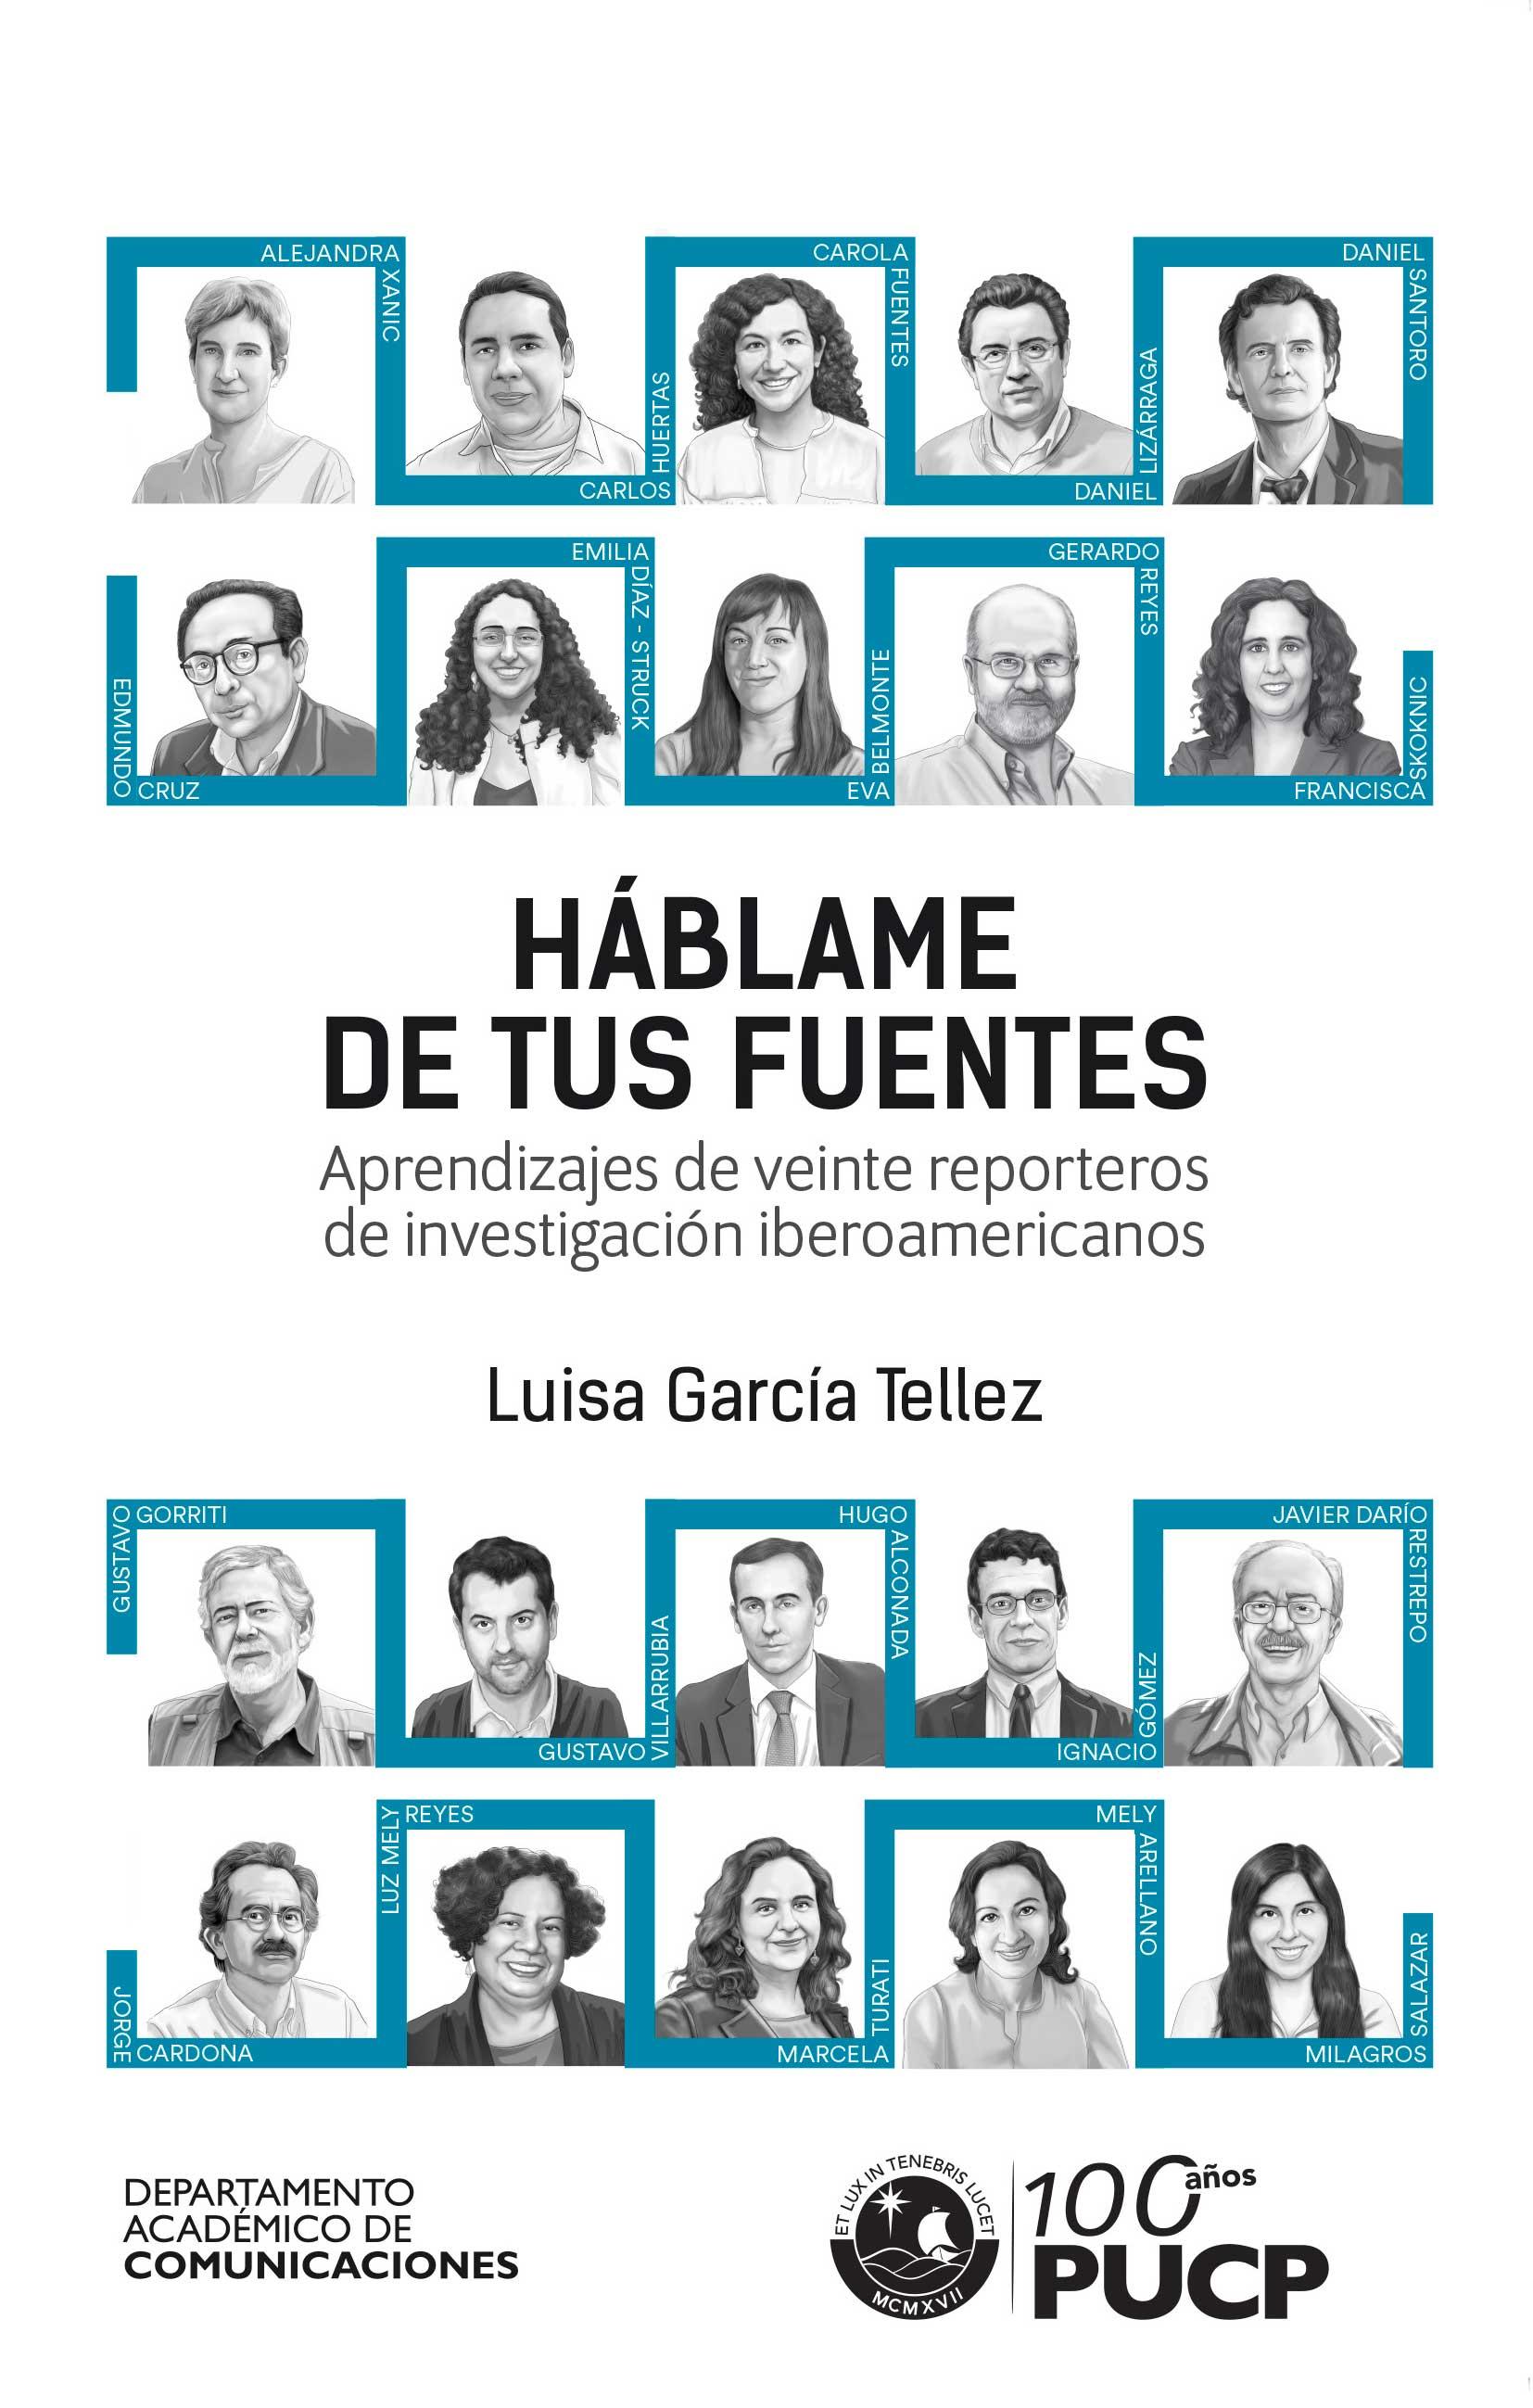 Portada del libro Háblame de tus fuentes, de Luis García Téllez.